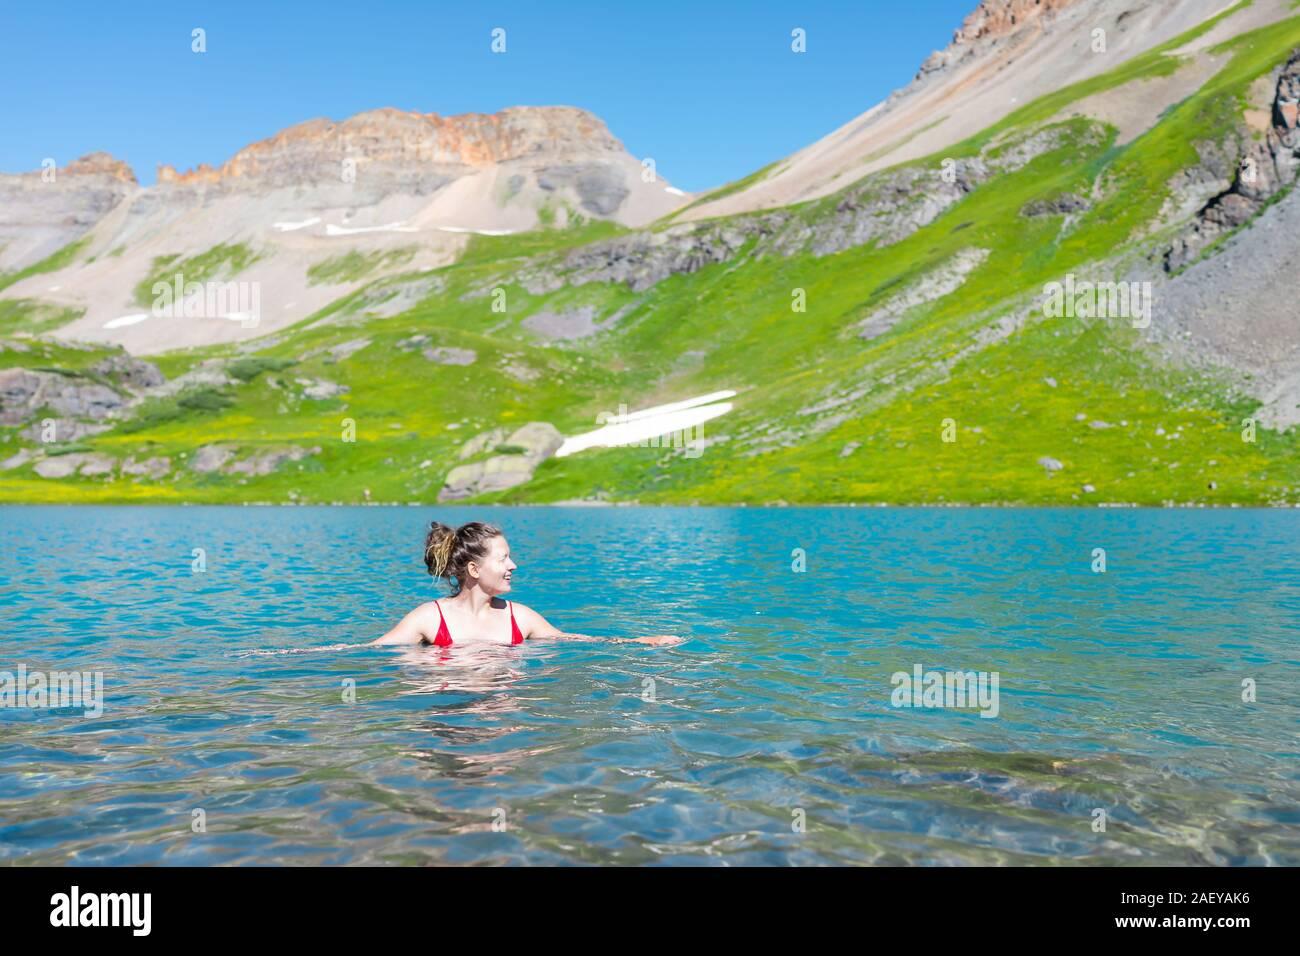 Giovane donna felice ragazza nuotare nella vibrante fredda acqua del lago di ghiaccio sul famoso sentiero in Silverton, Colorado in San Juan Mountains in estate Foto Stock